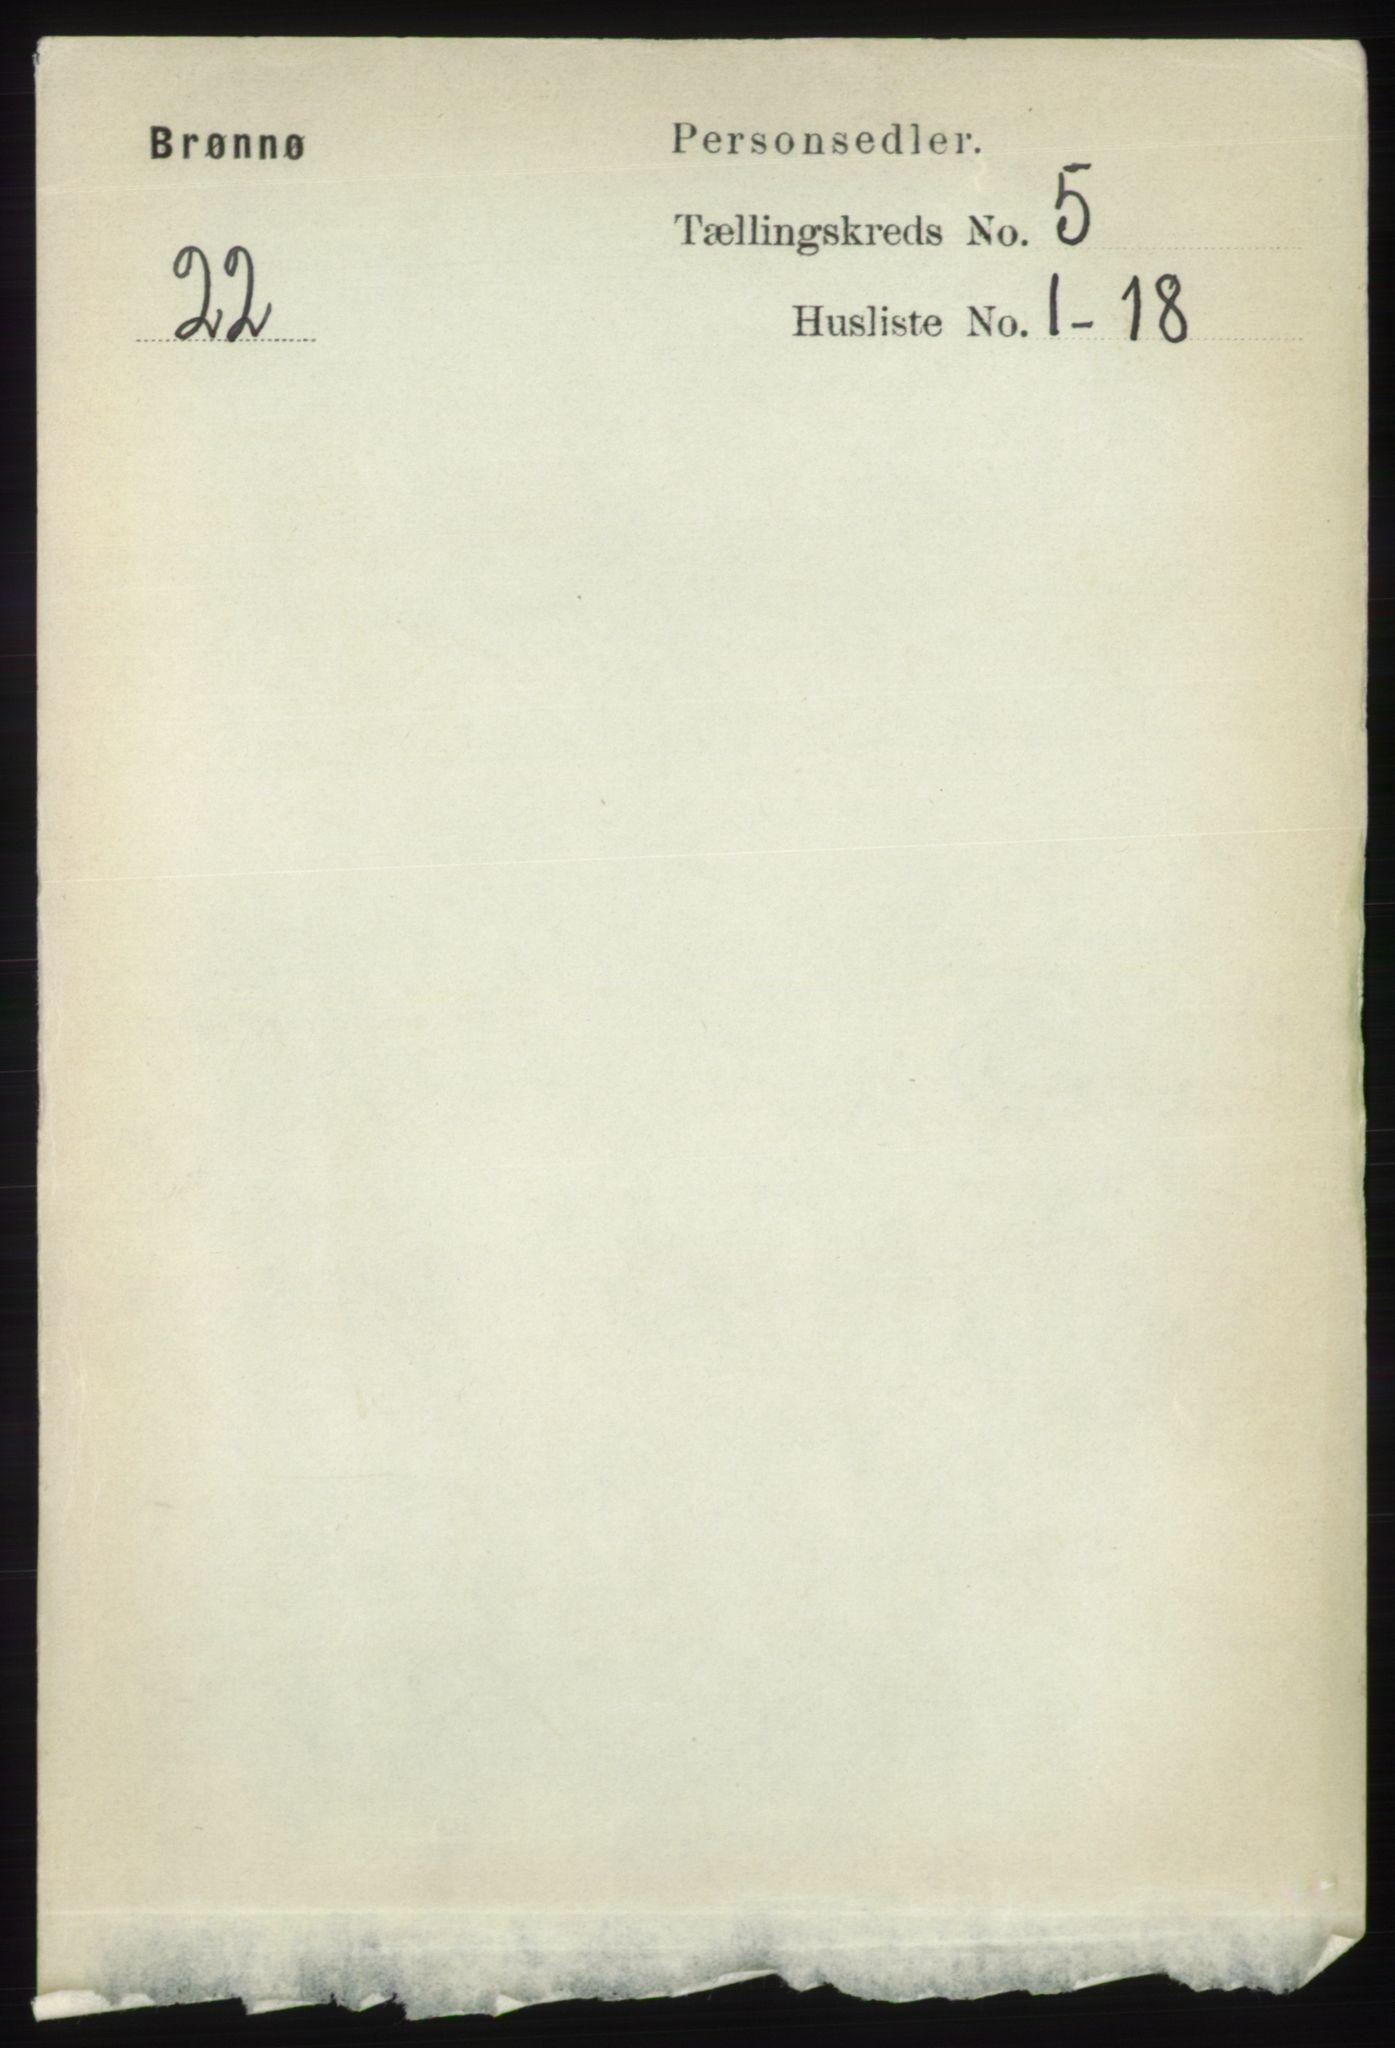 RA, Folketelling 1891 for 1814 Brønnøy herred, 1891, s. 2462